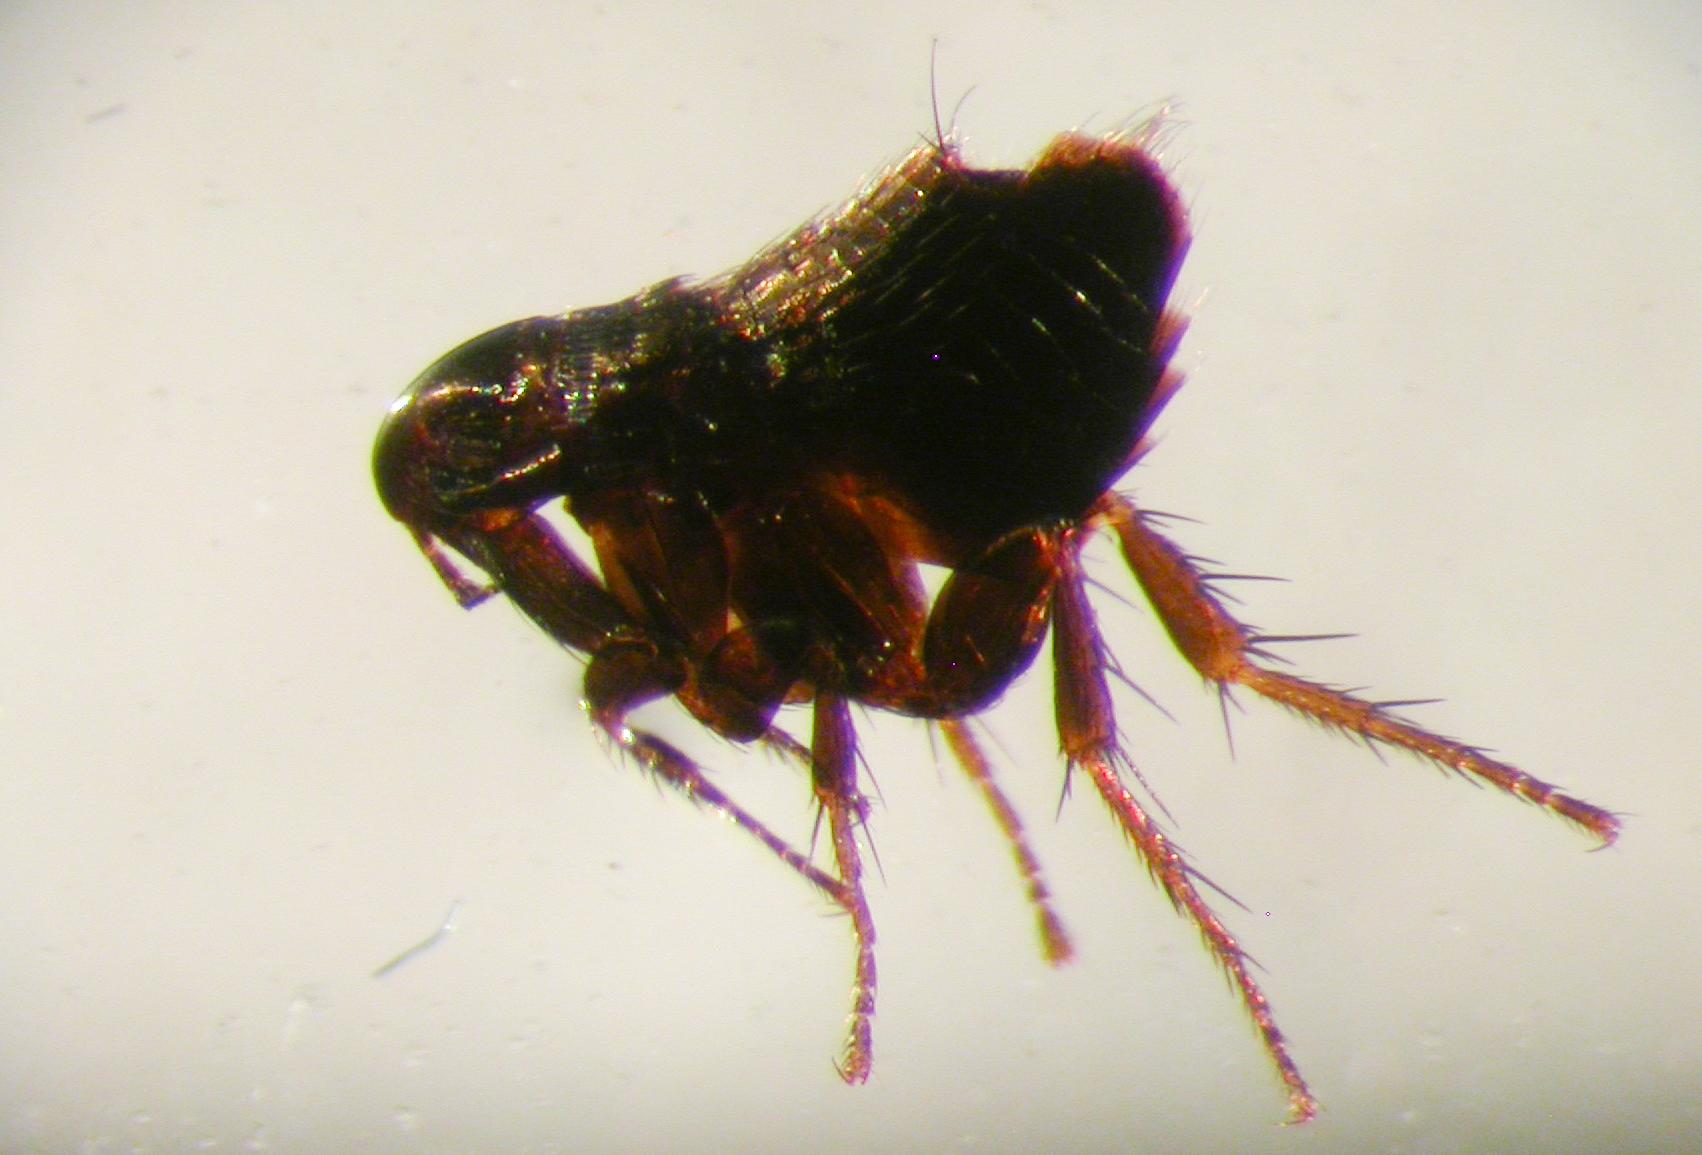 Starafló - Ceratophyllus gallinae